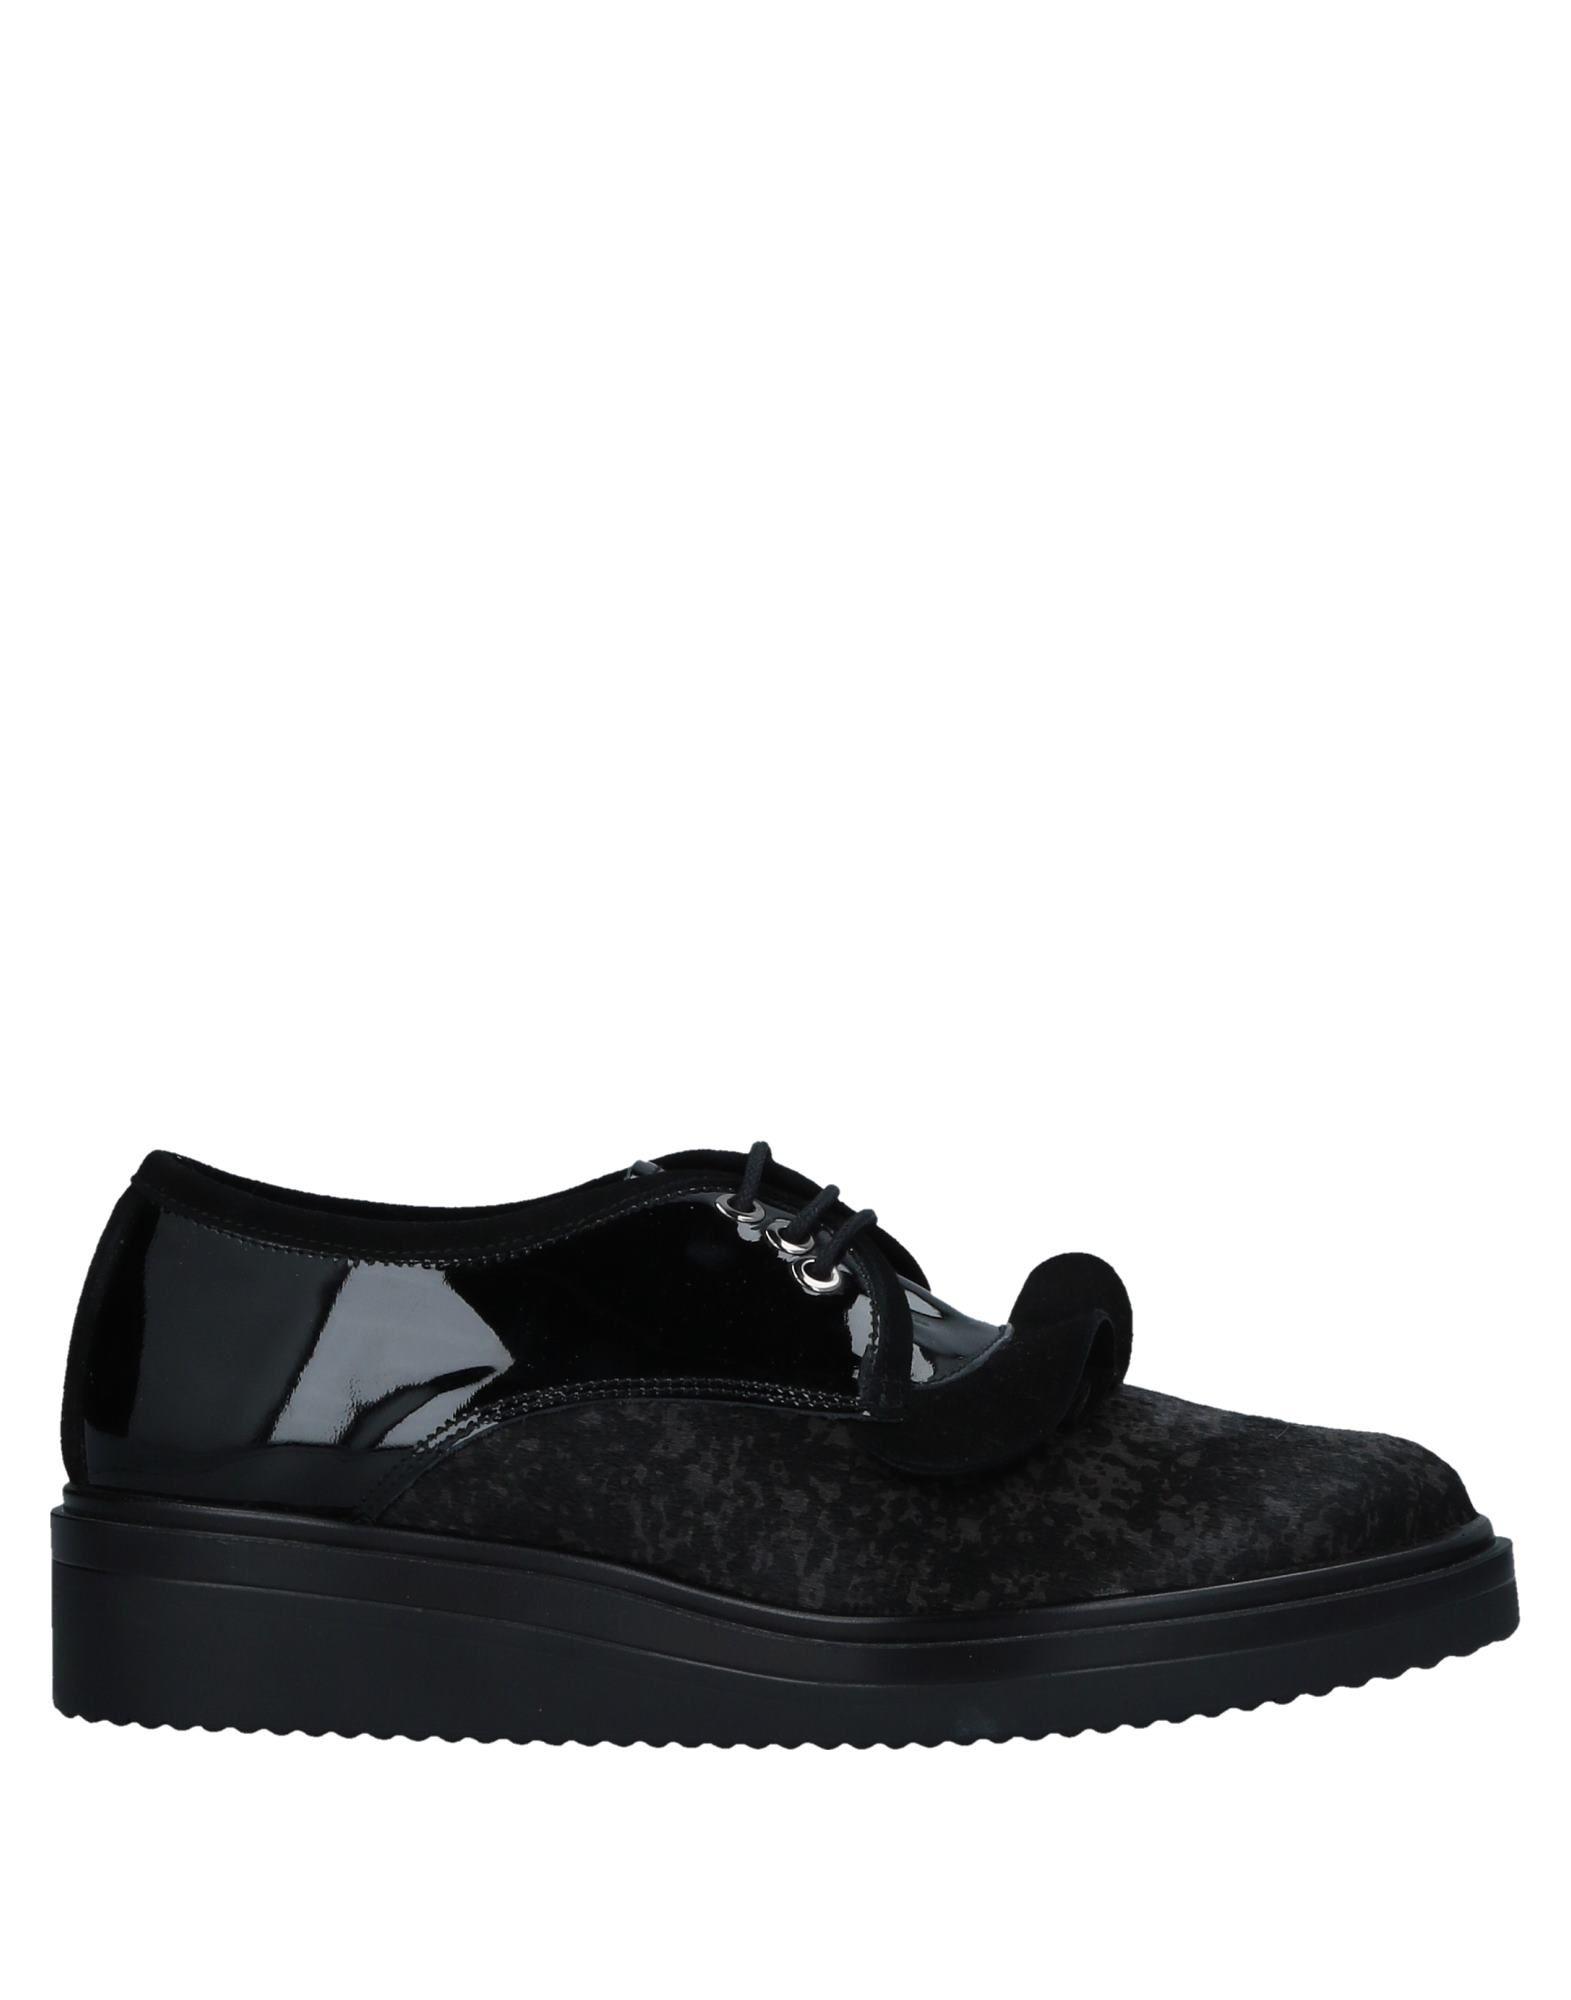 Kanna Schnürschuhe Damen  11533611TS Gute Qualität beliebte Schuhe